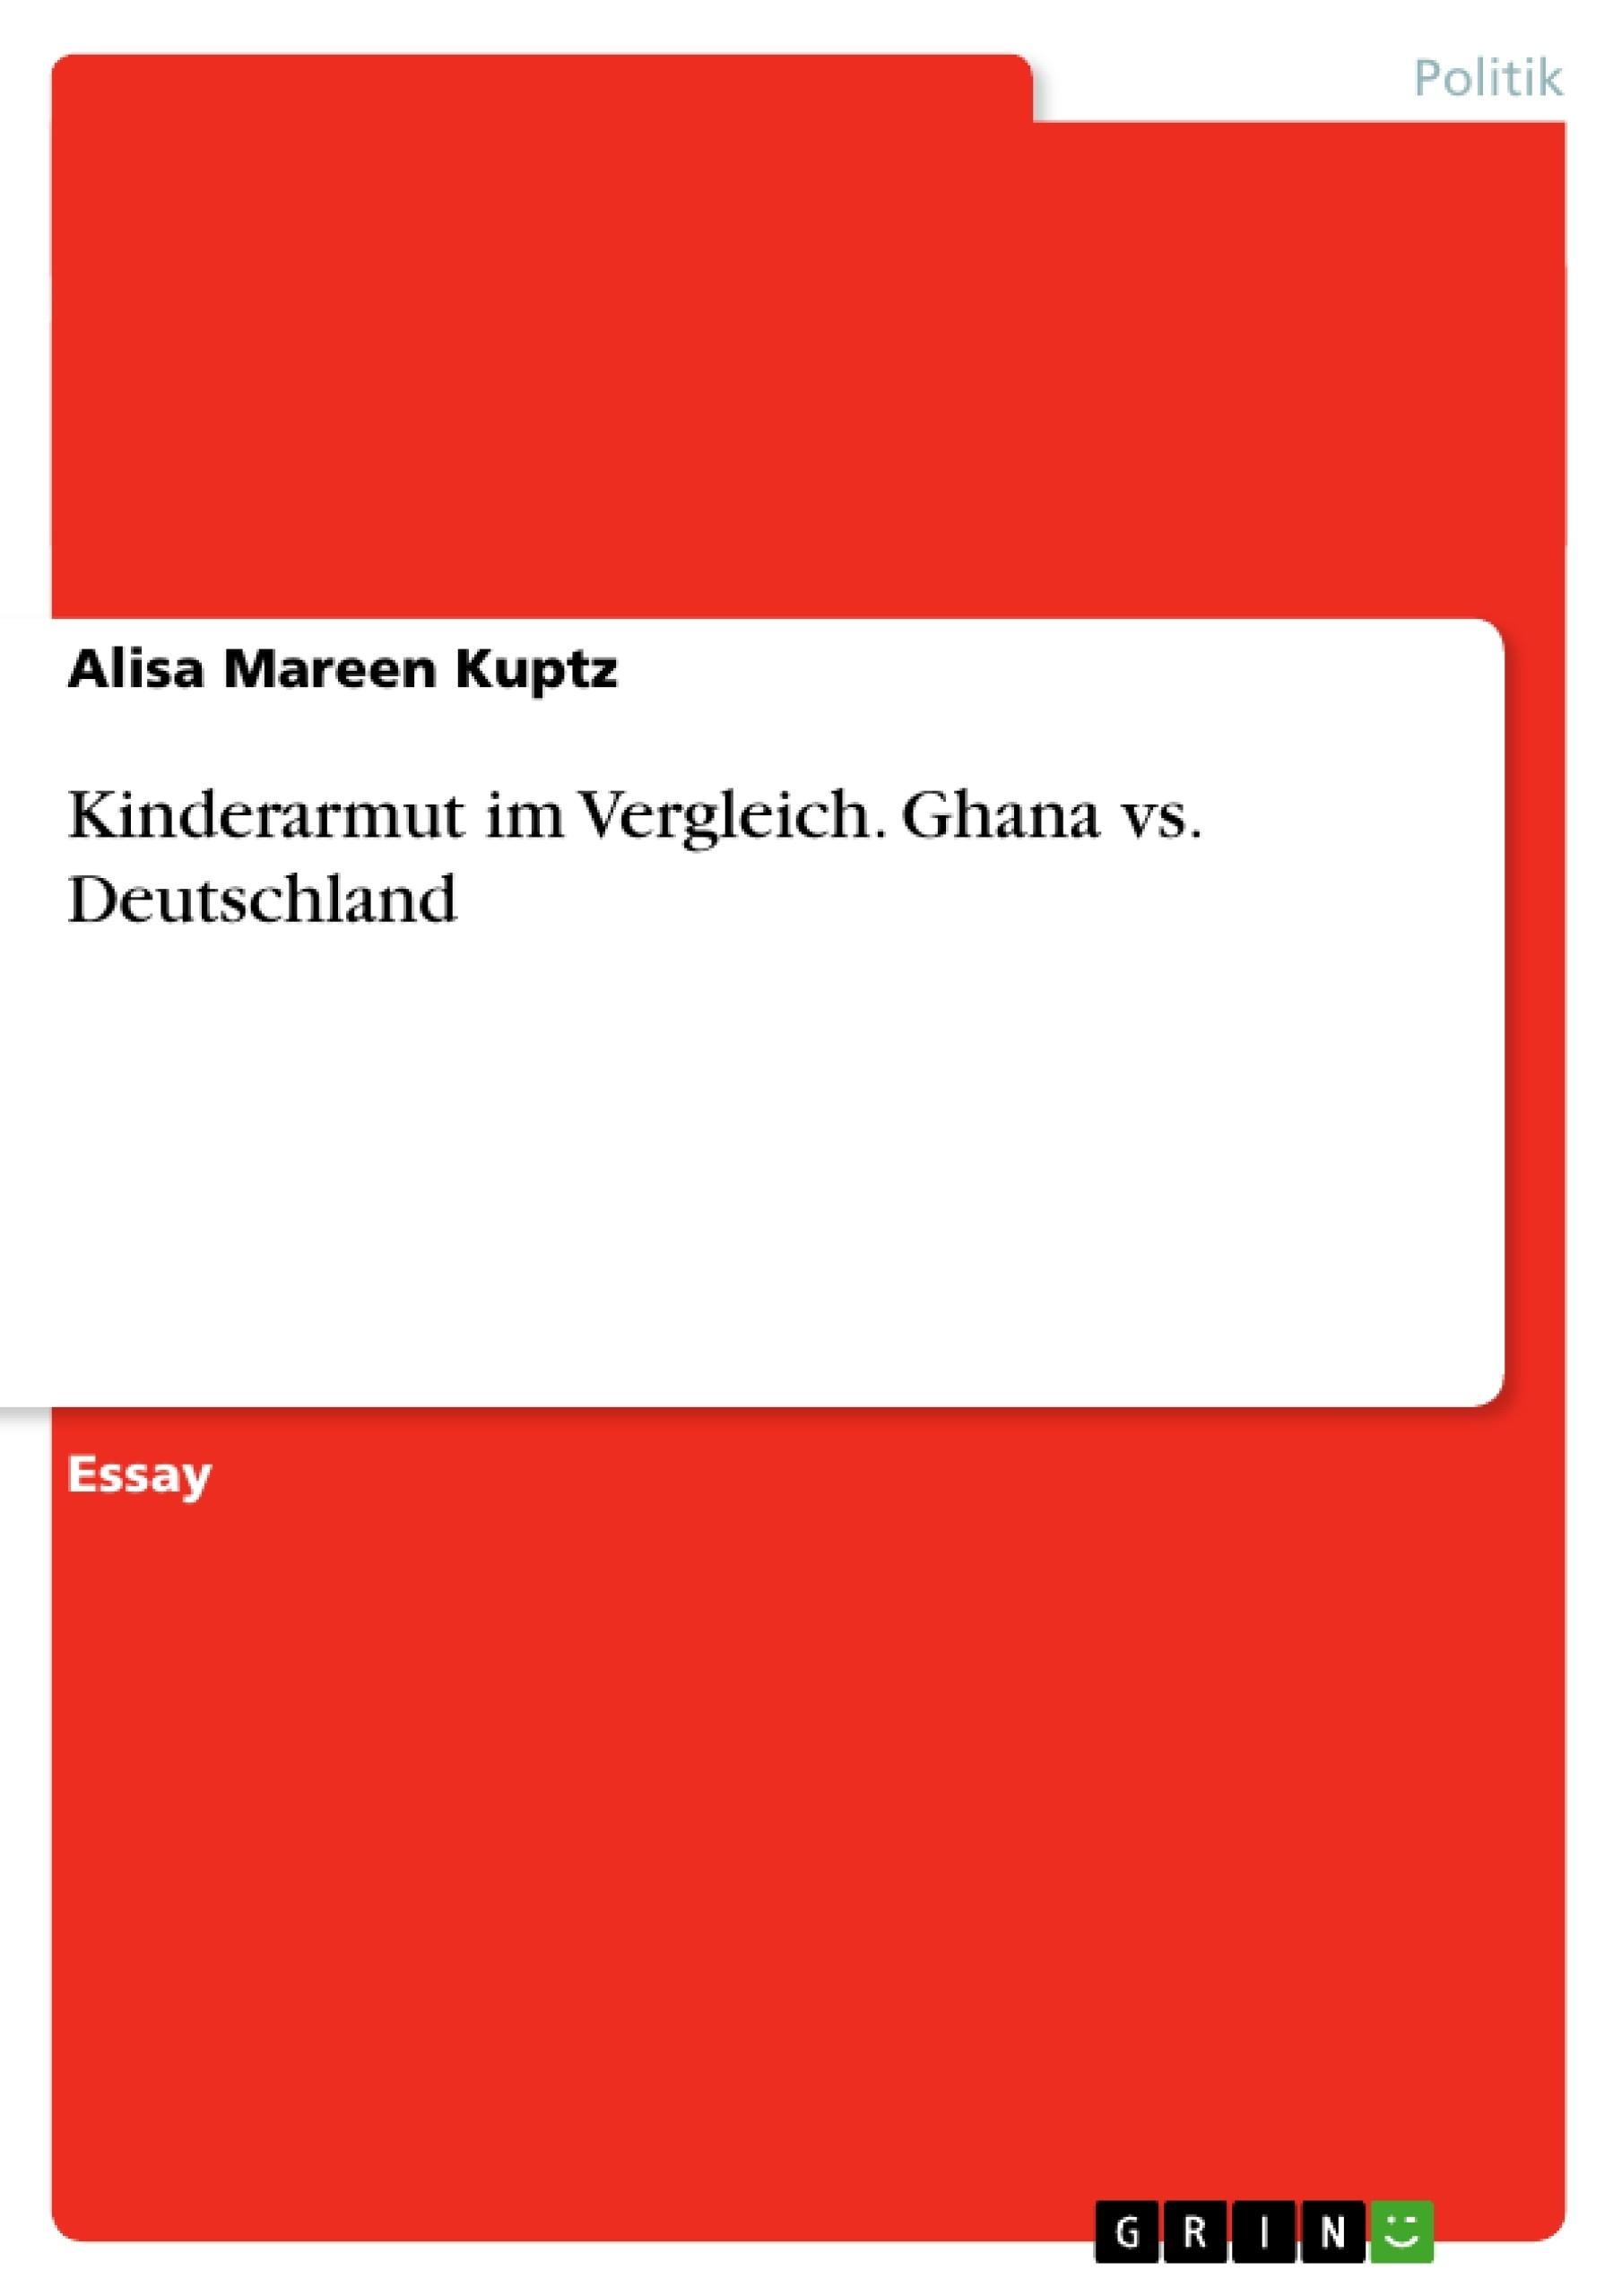 Titel: Kinderarmut im Vergleich. Ghana vs. Deutschland